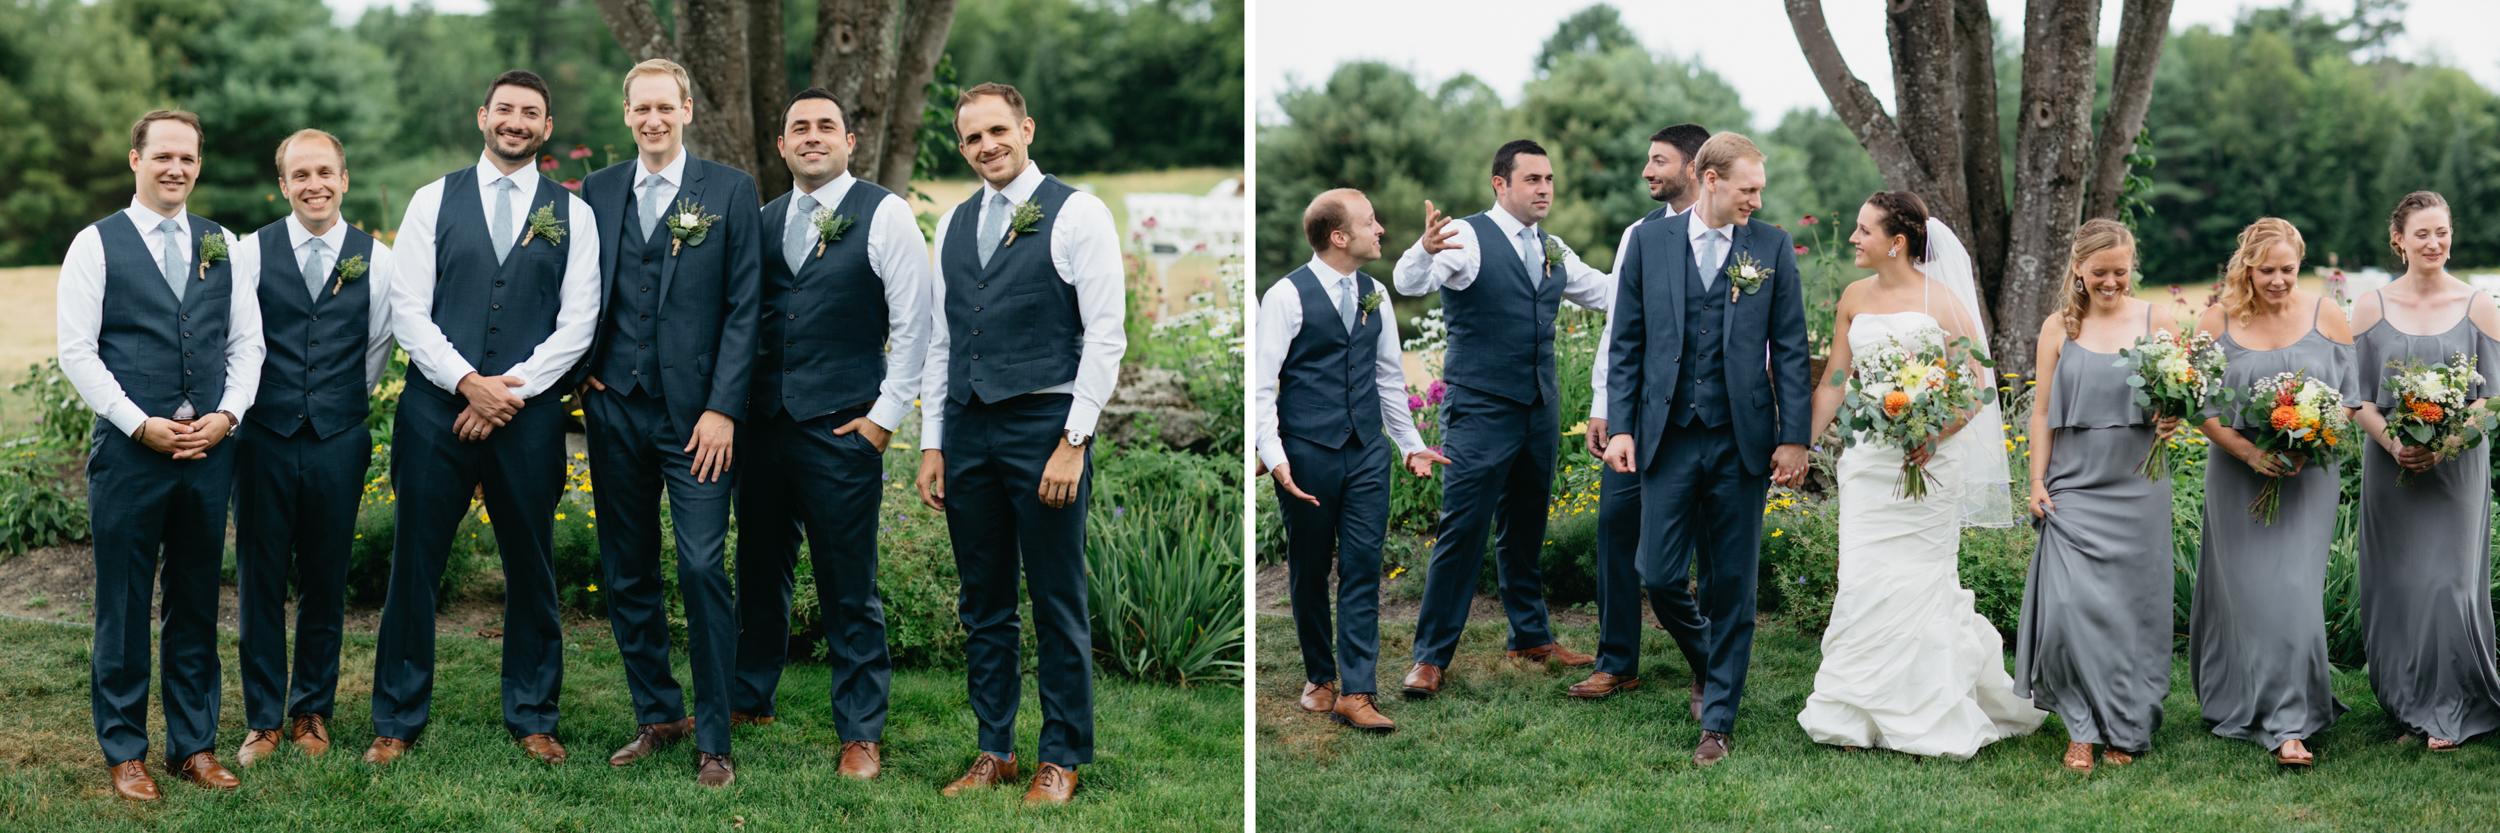 Jessie_Erik_Pownal_Maine_Wedding_William_allen_farm_013.jpg